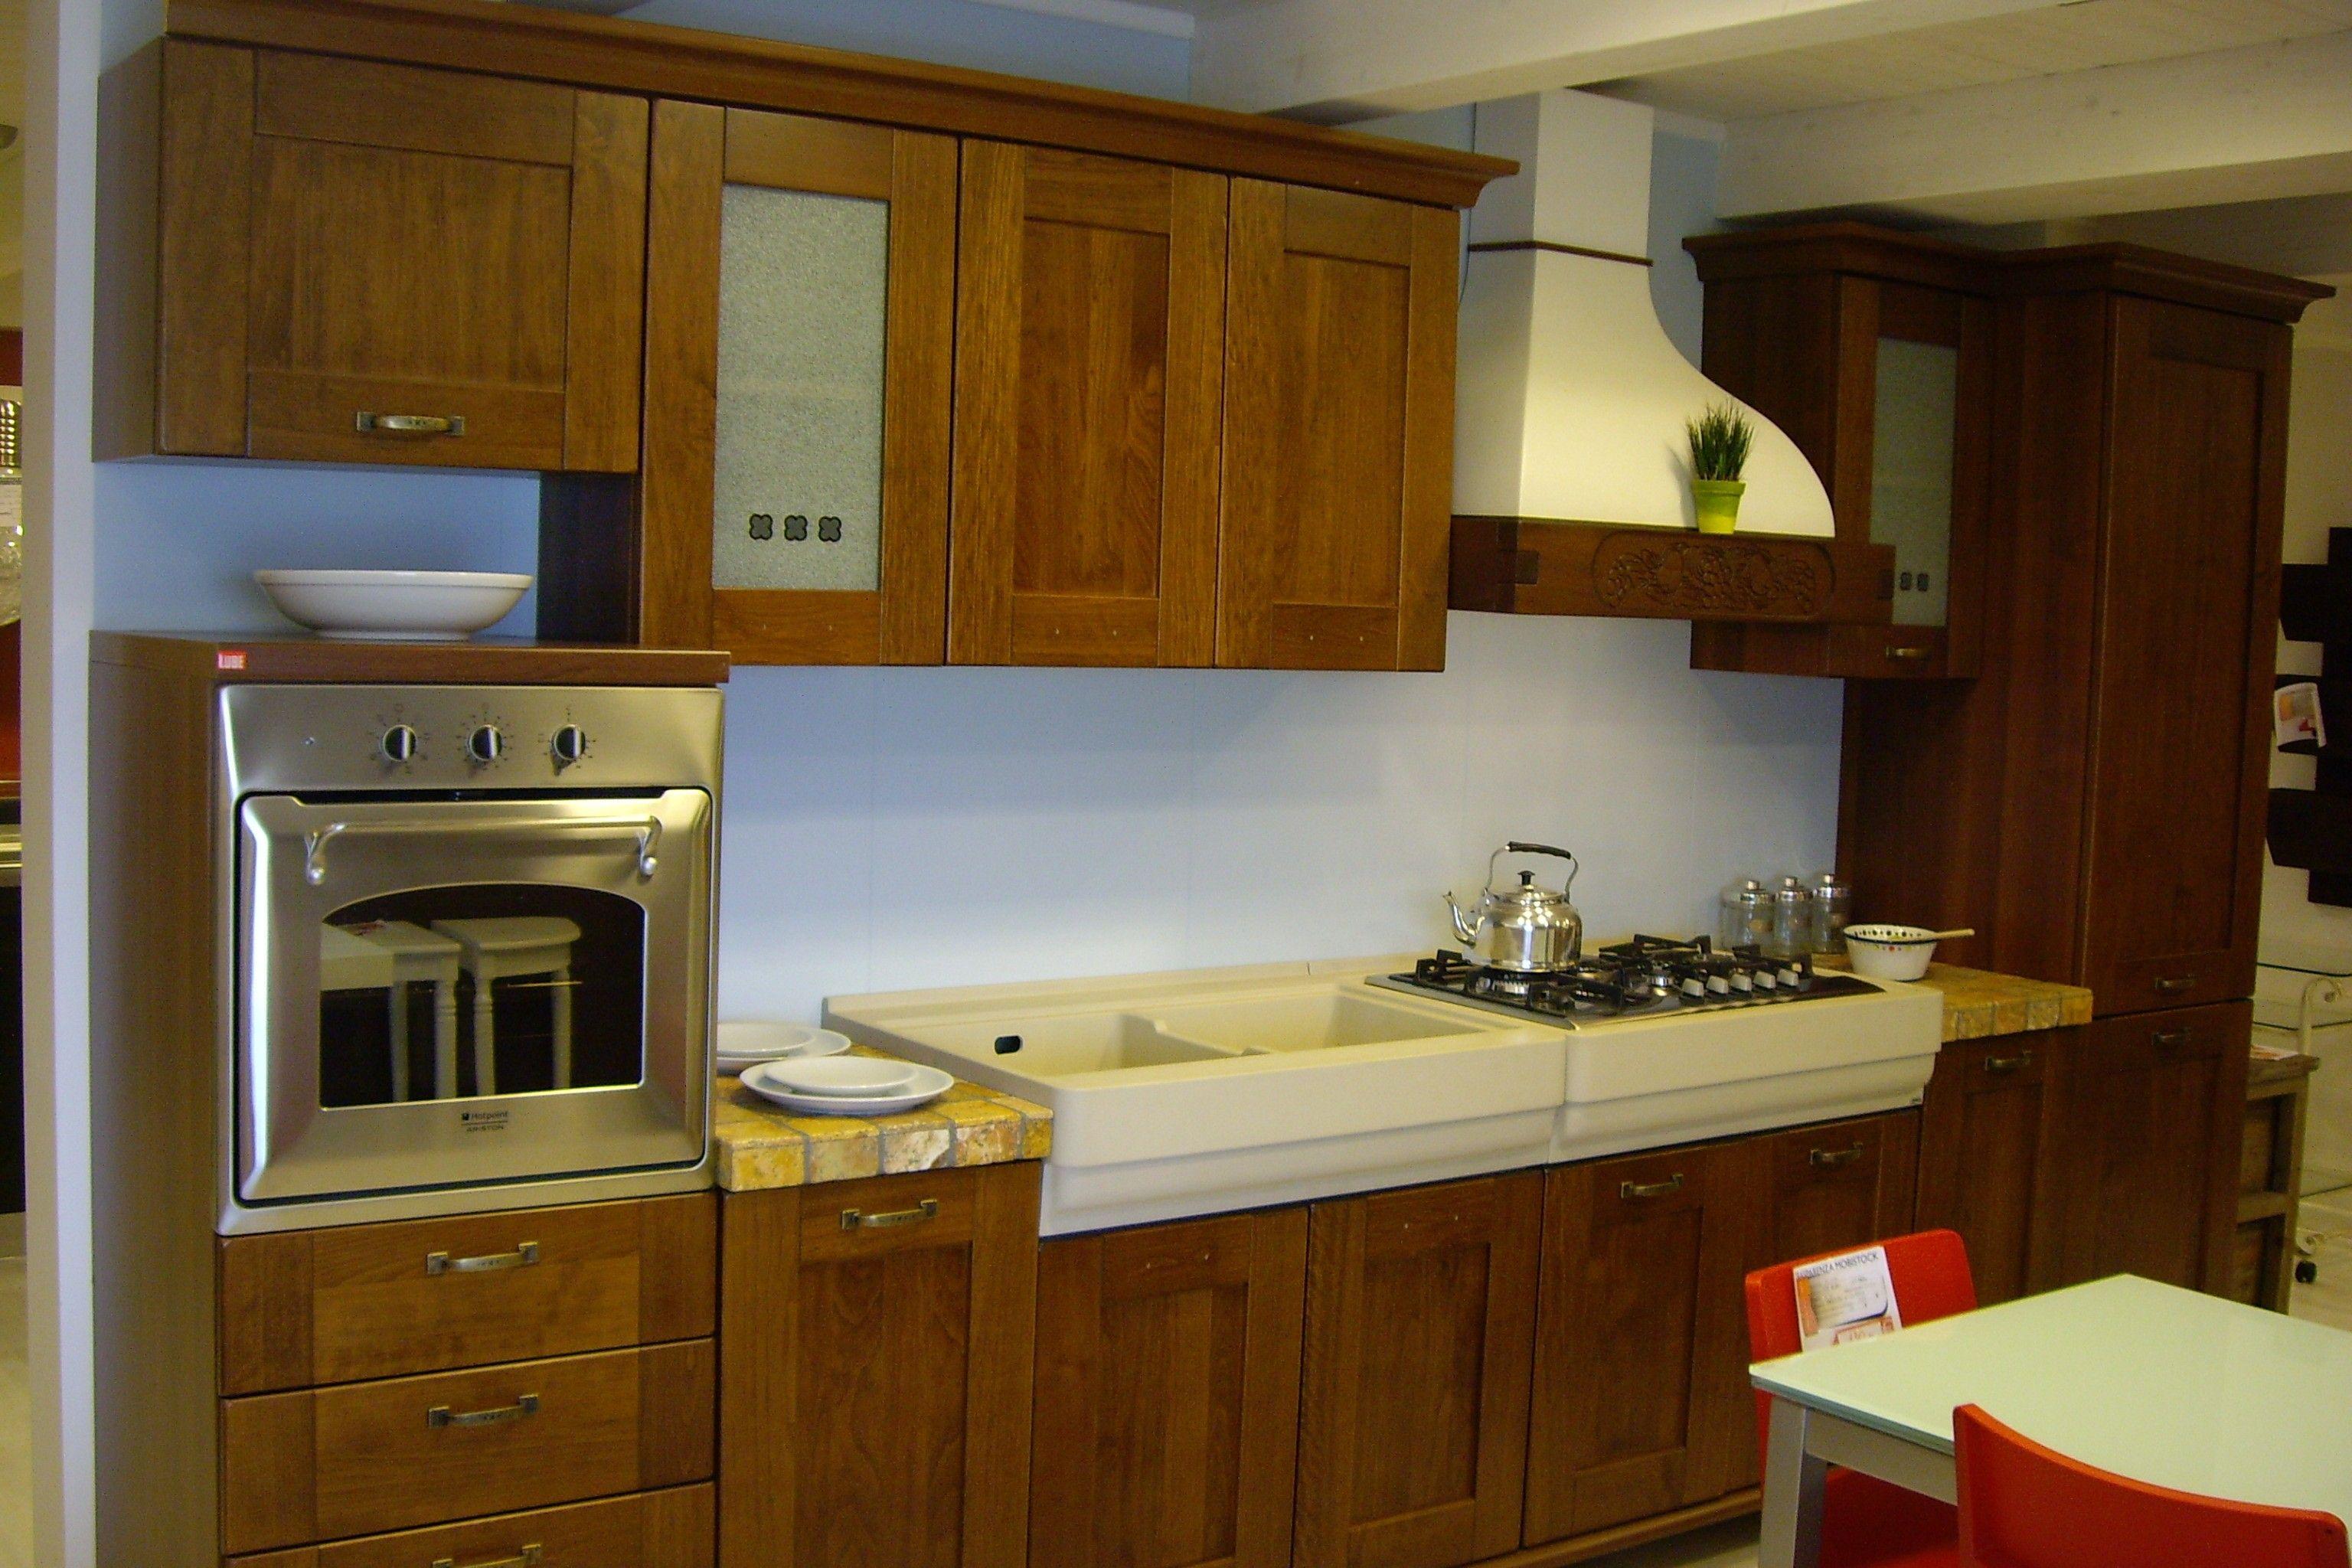 Cucina lube modello erica elettrodomestici inclusi al 60 for Lube cucine verona